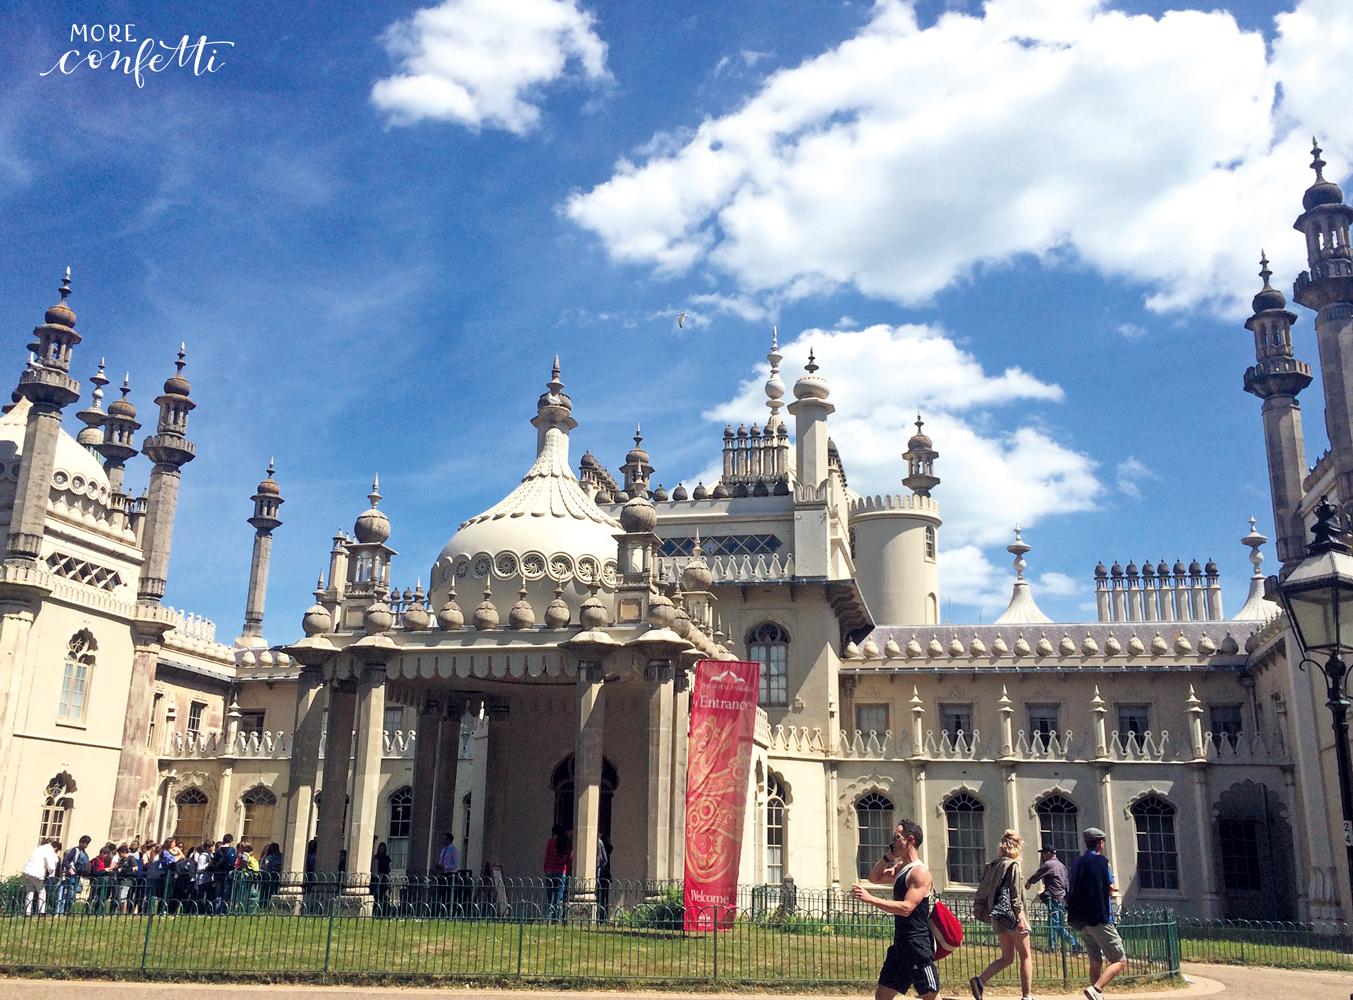 Brighton - engliches Seebad - für jeden etwas dabei - moreconfetti.de